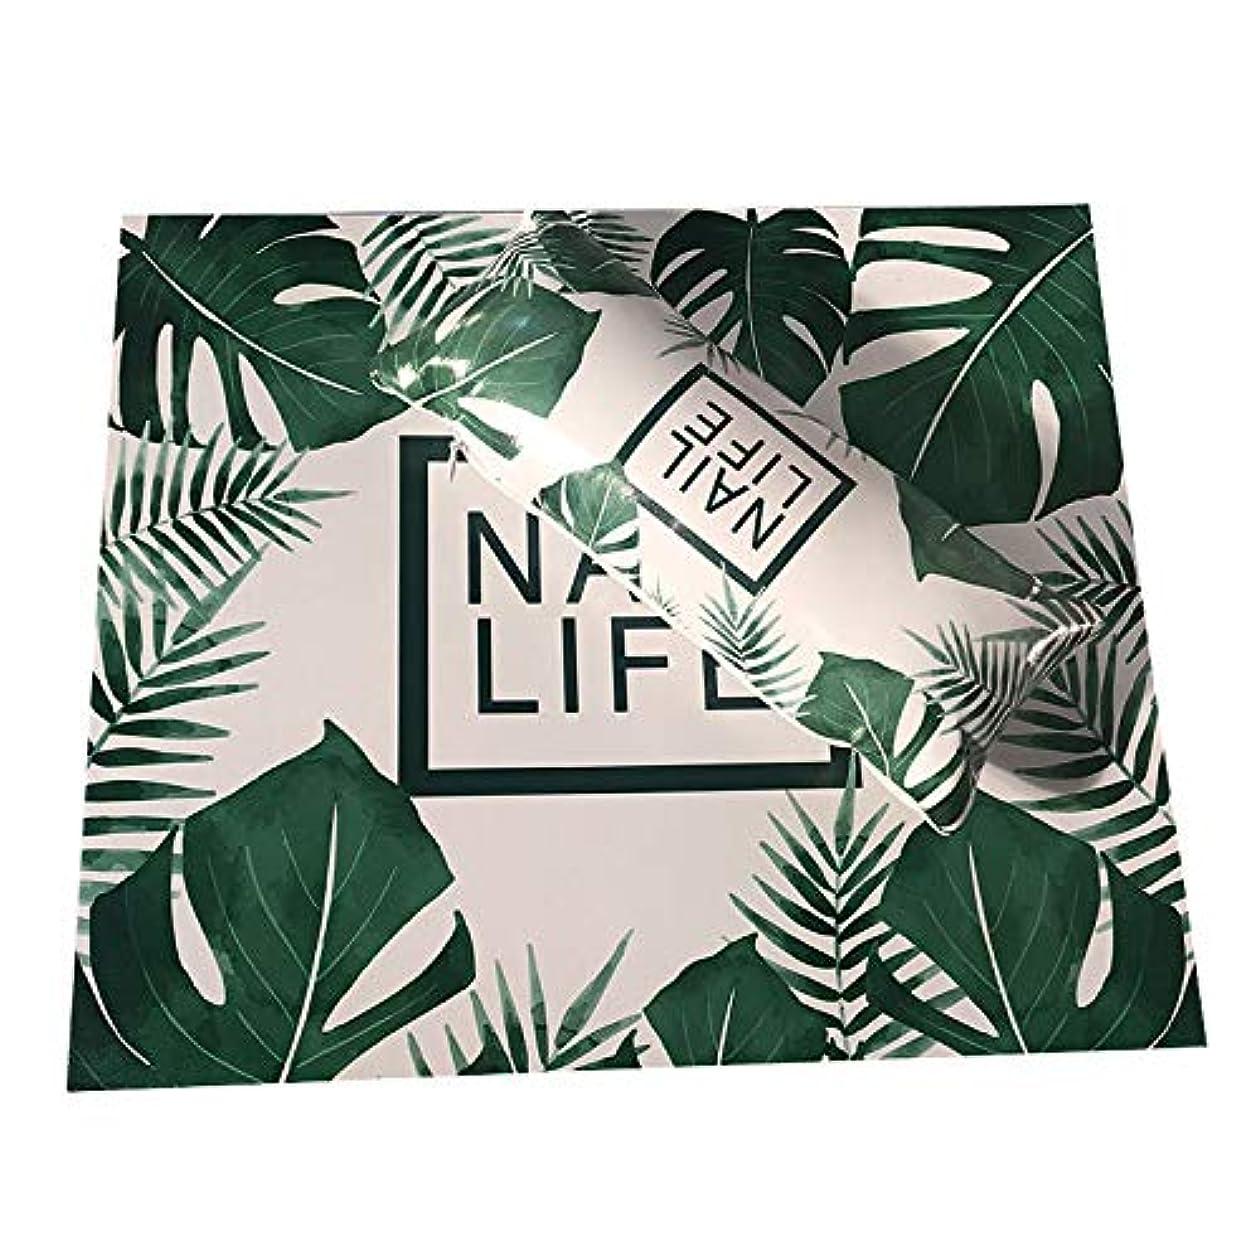 スプレー外科医洗練されたCUHAWUDBA ネイルアート用手枕のクッション、ネイルポリッシュのホルダー、ソフト、Puレザー、スポンジのアームレスト、ストライプのデザイン、サロンのマニキュア(植物#)